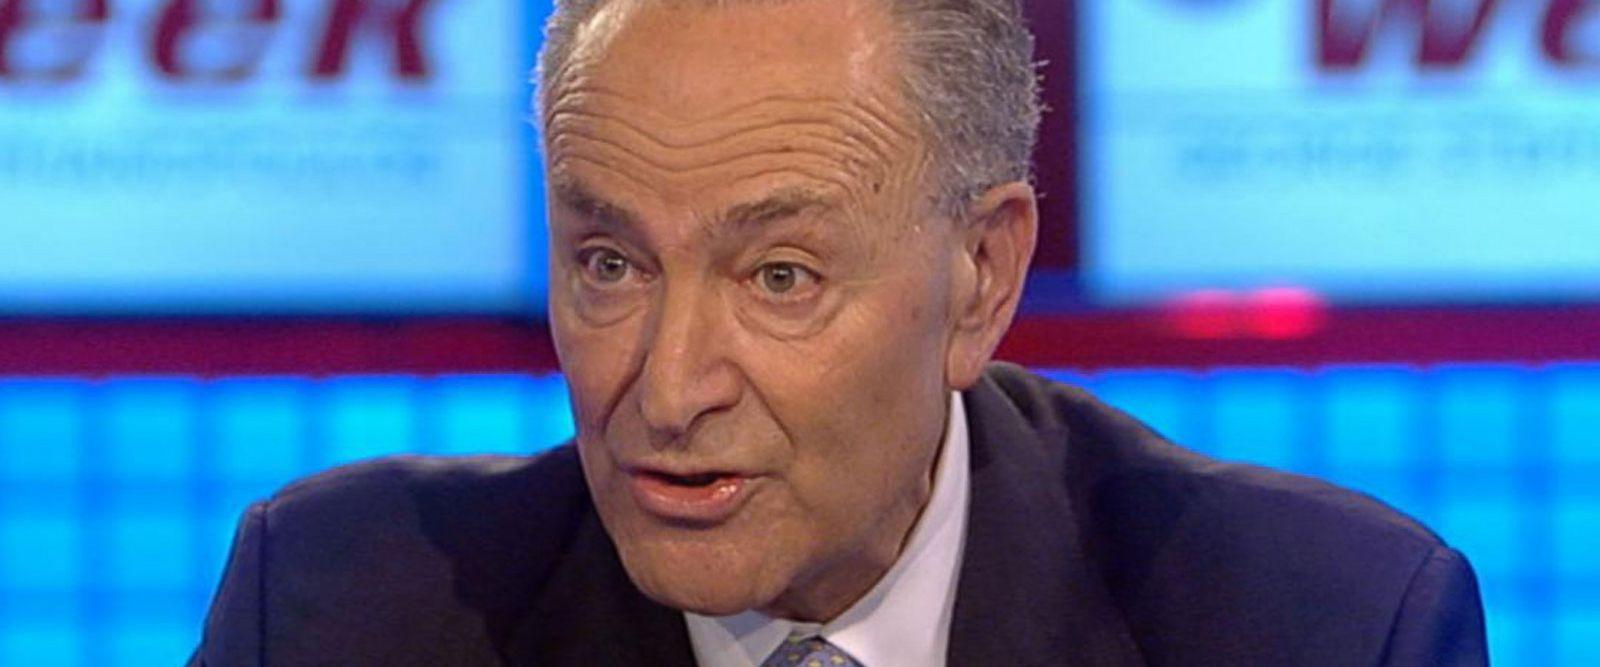 VIDEO: Sen. Chuck Schumer on Senate Republicans' health care bill